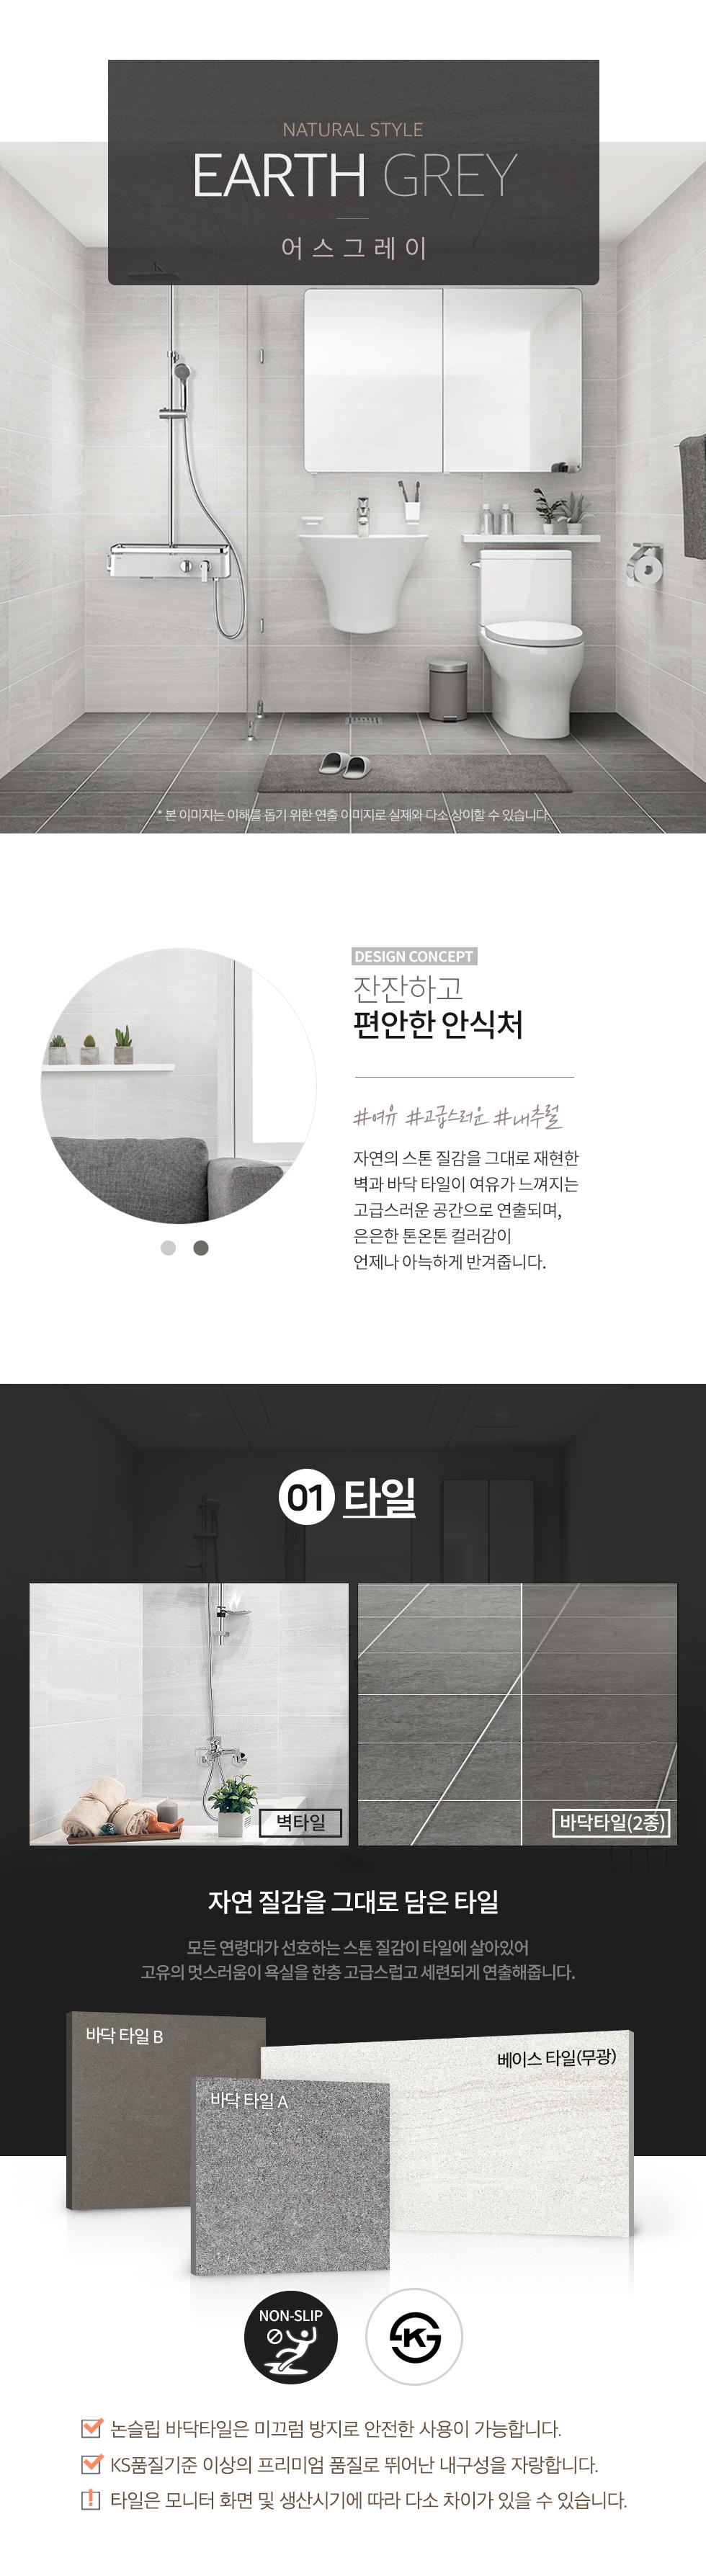 어스그레이 패키지소개01